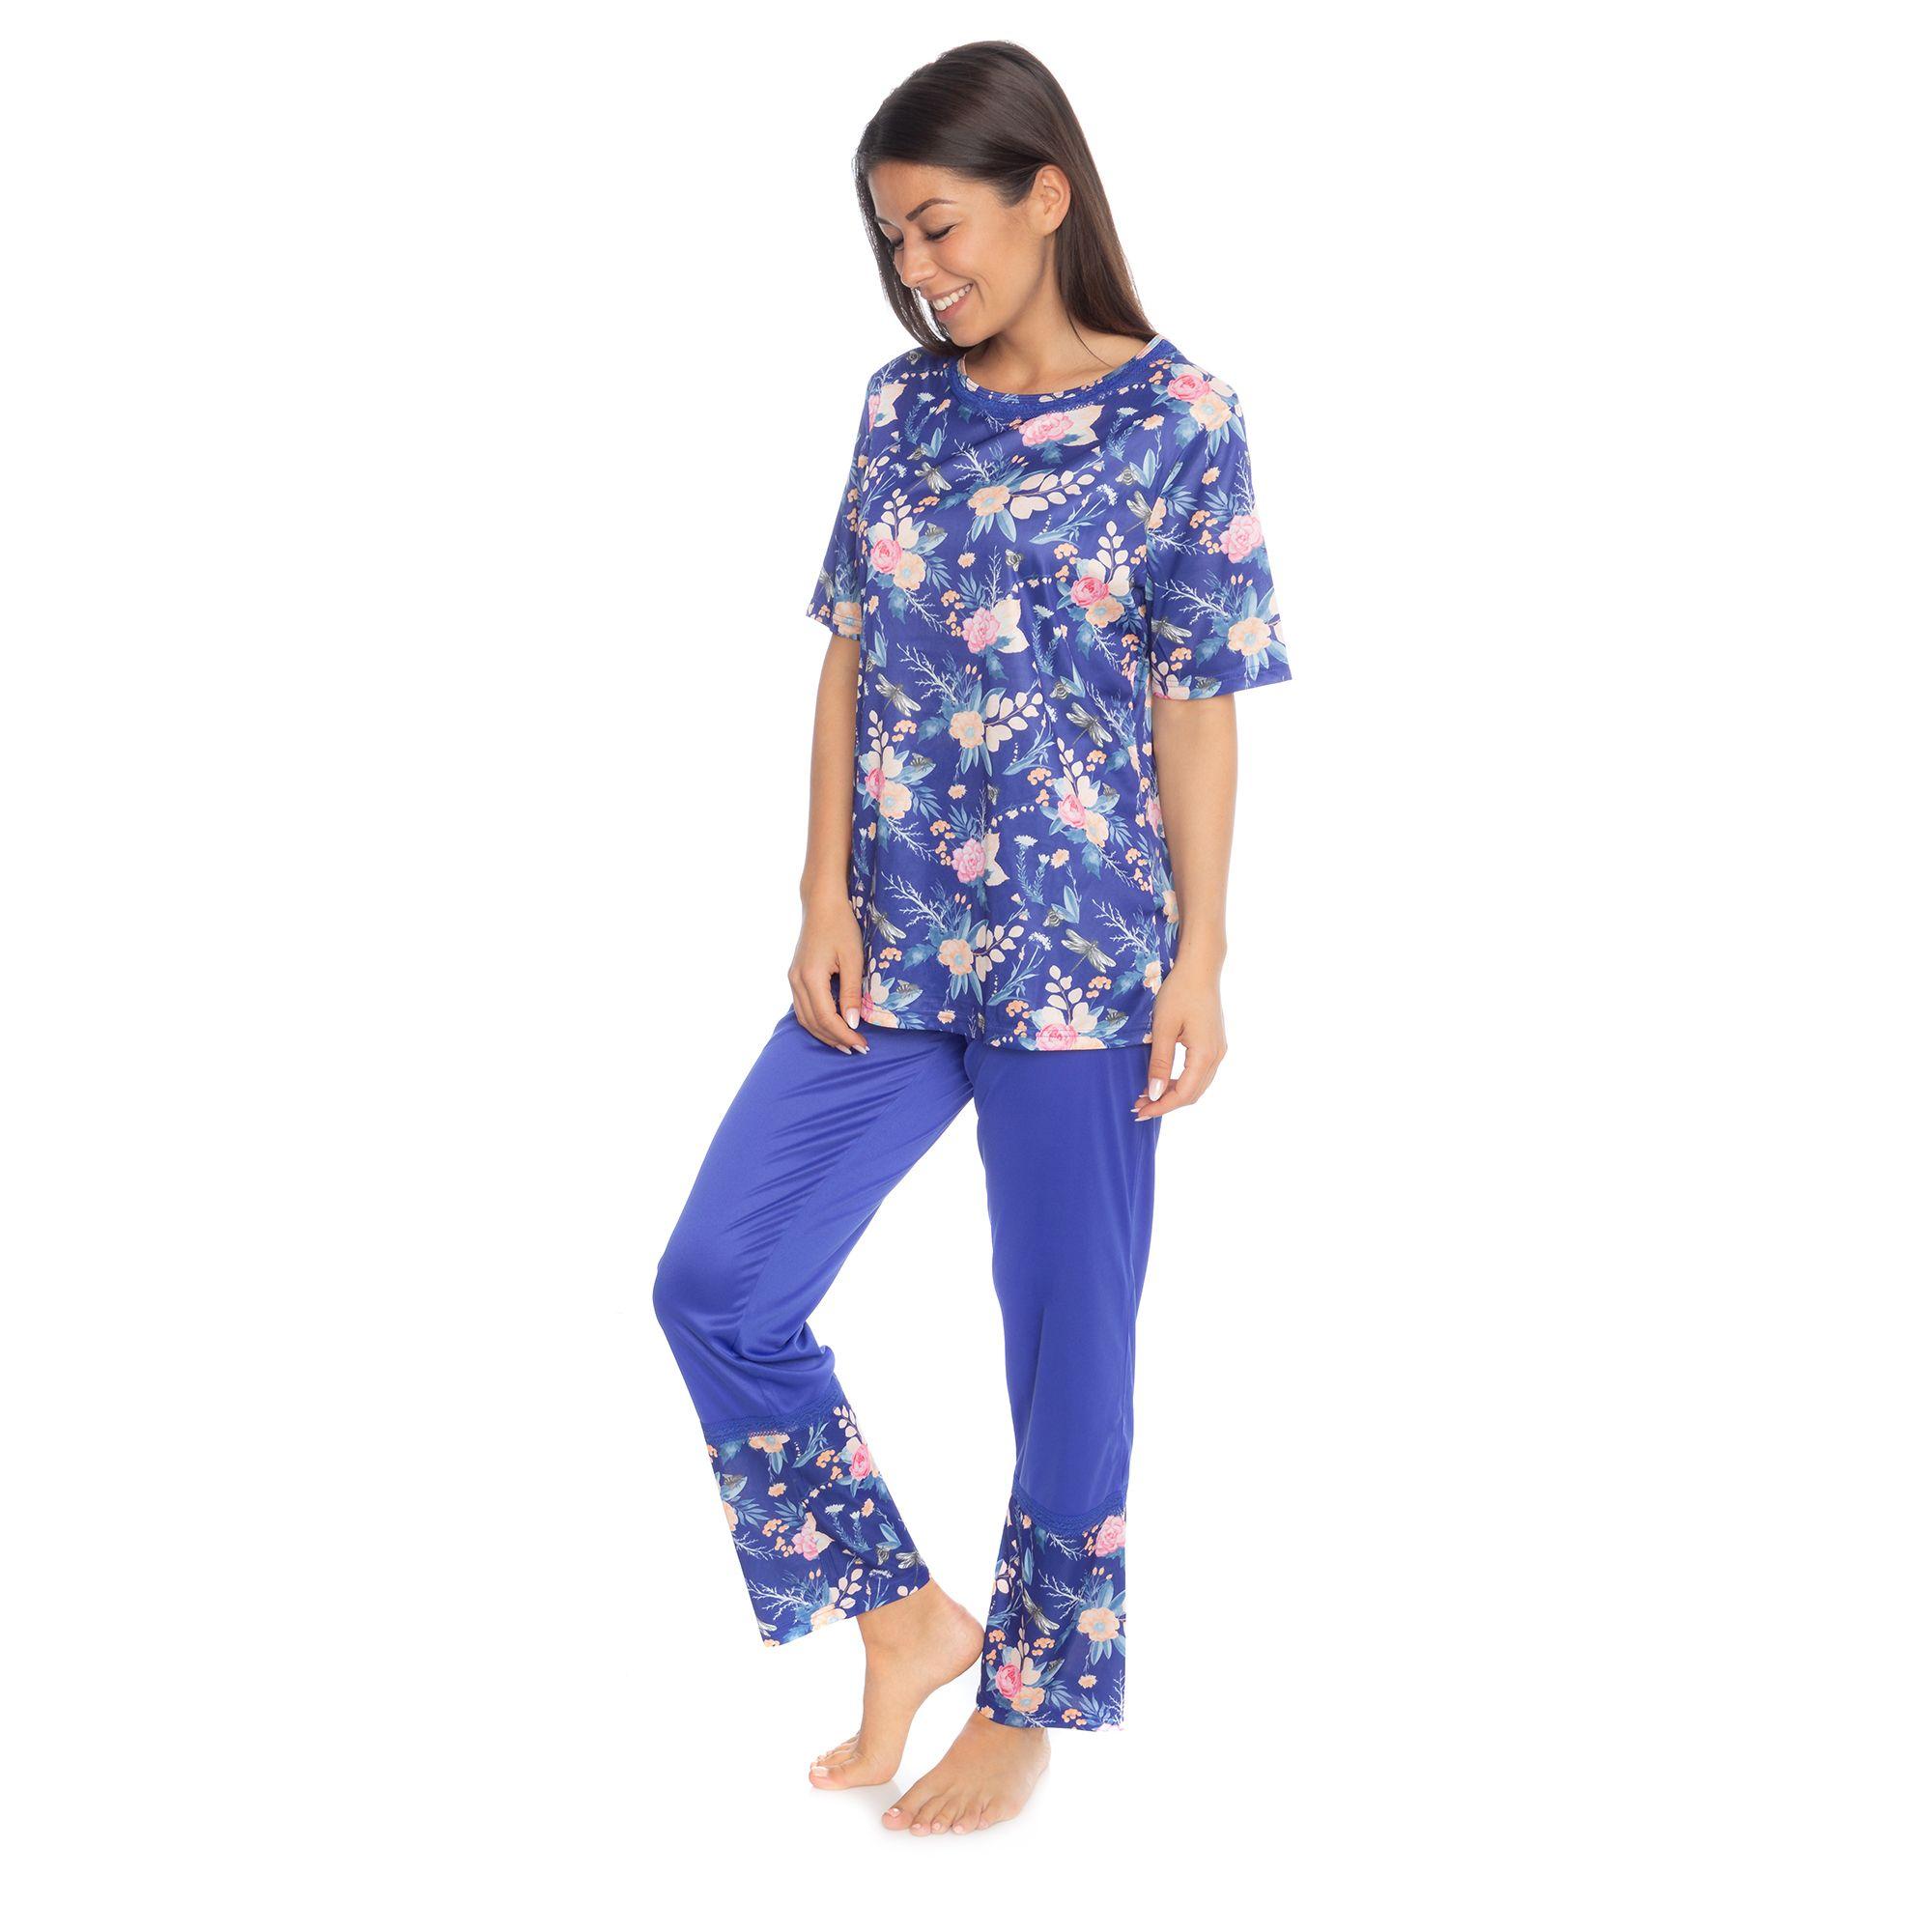 df34320529b3f8 LITTLE ROSE Pyjama Shirt, 1/2-Arm Hose, 1/1-Länge bedruckter Saum — QVC.de